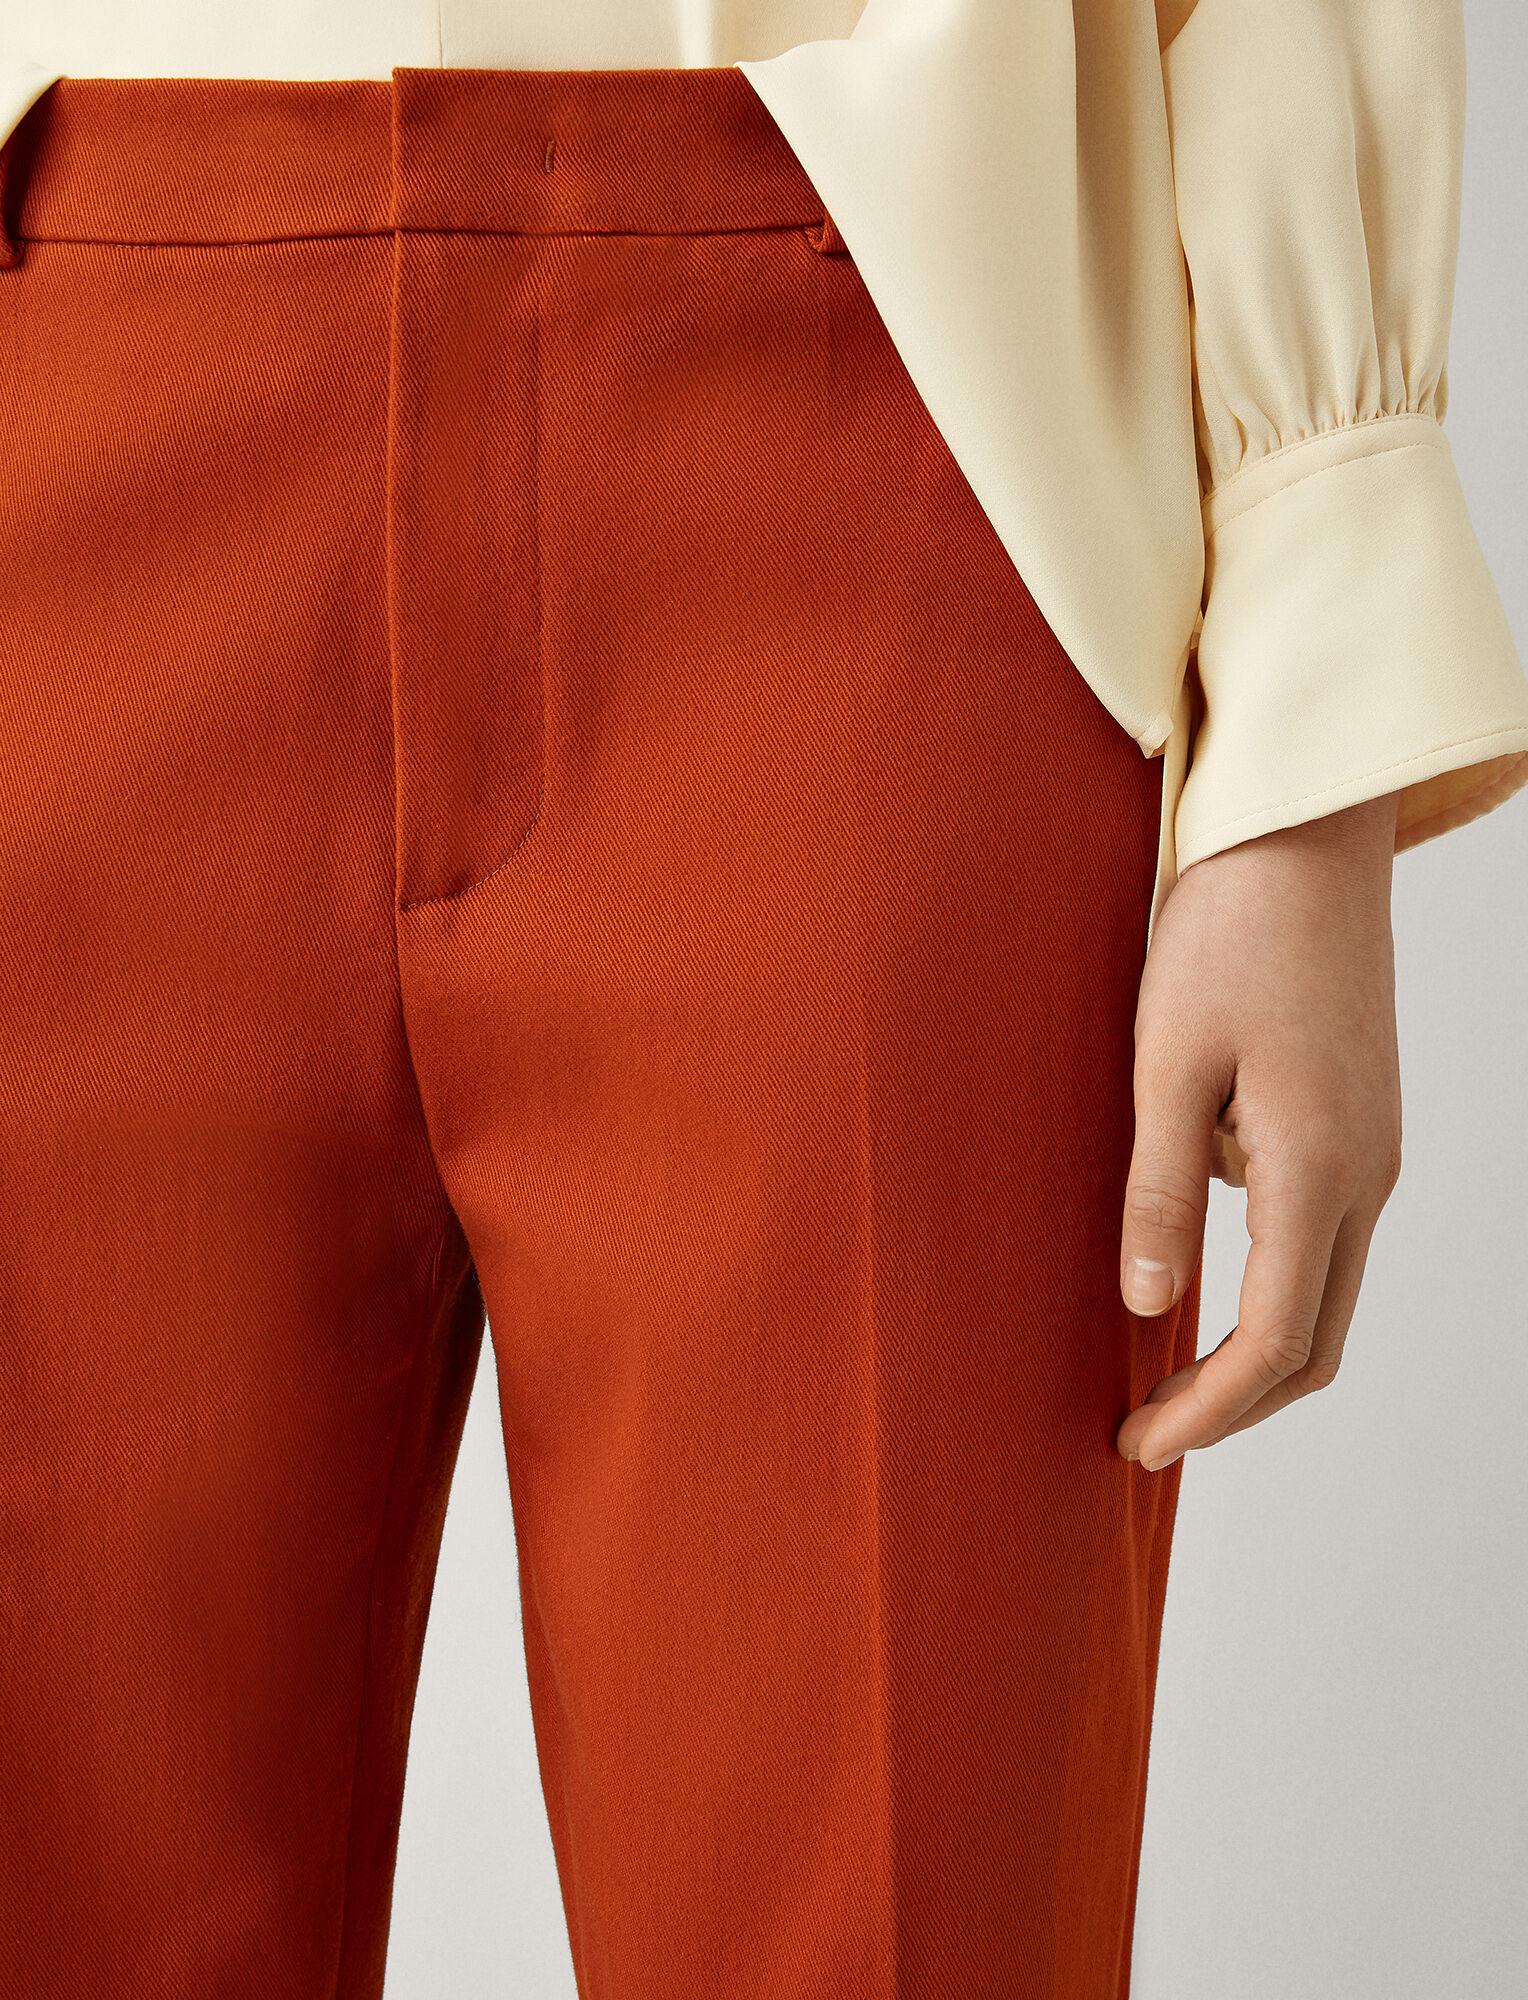 Joseph, Coman Drill Stretch Trousers, in TAN